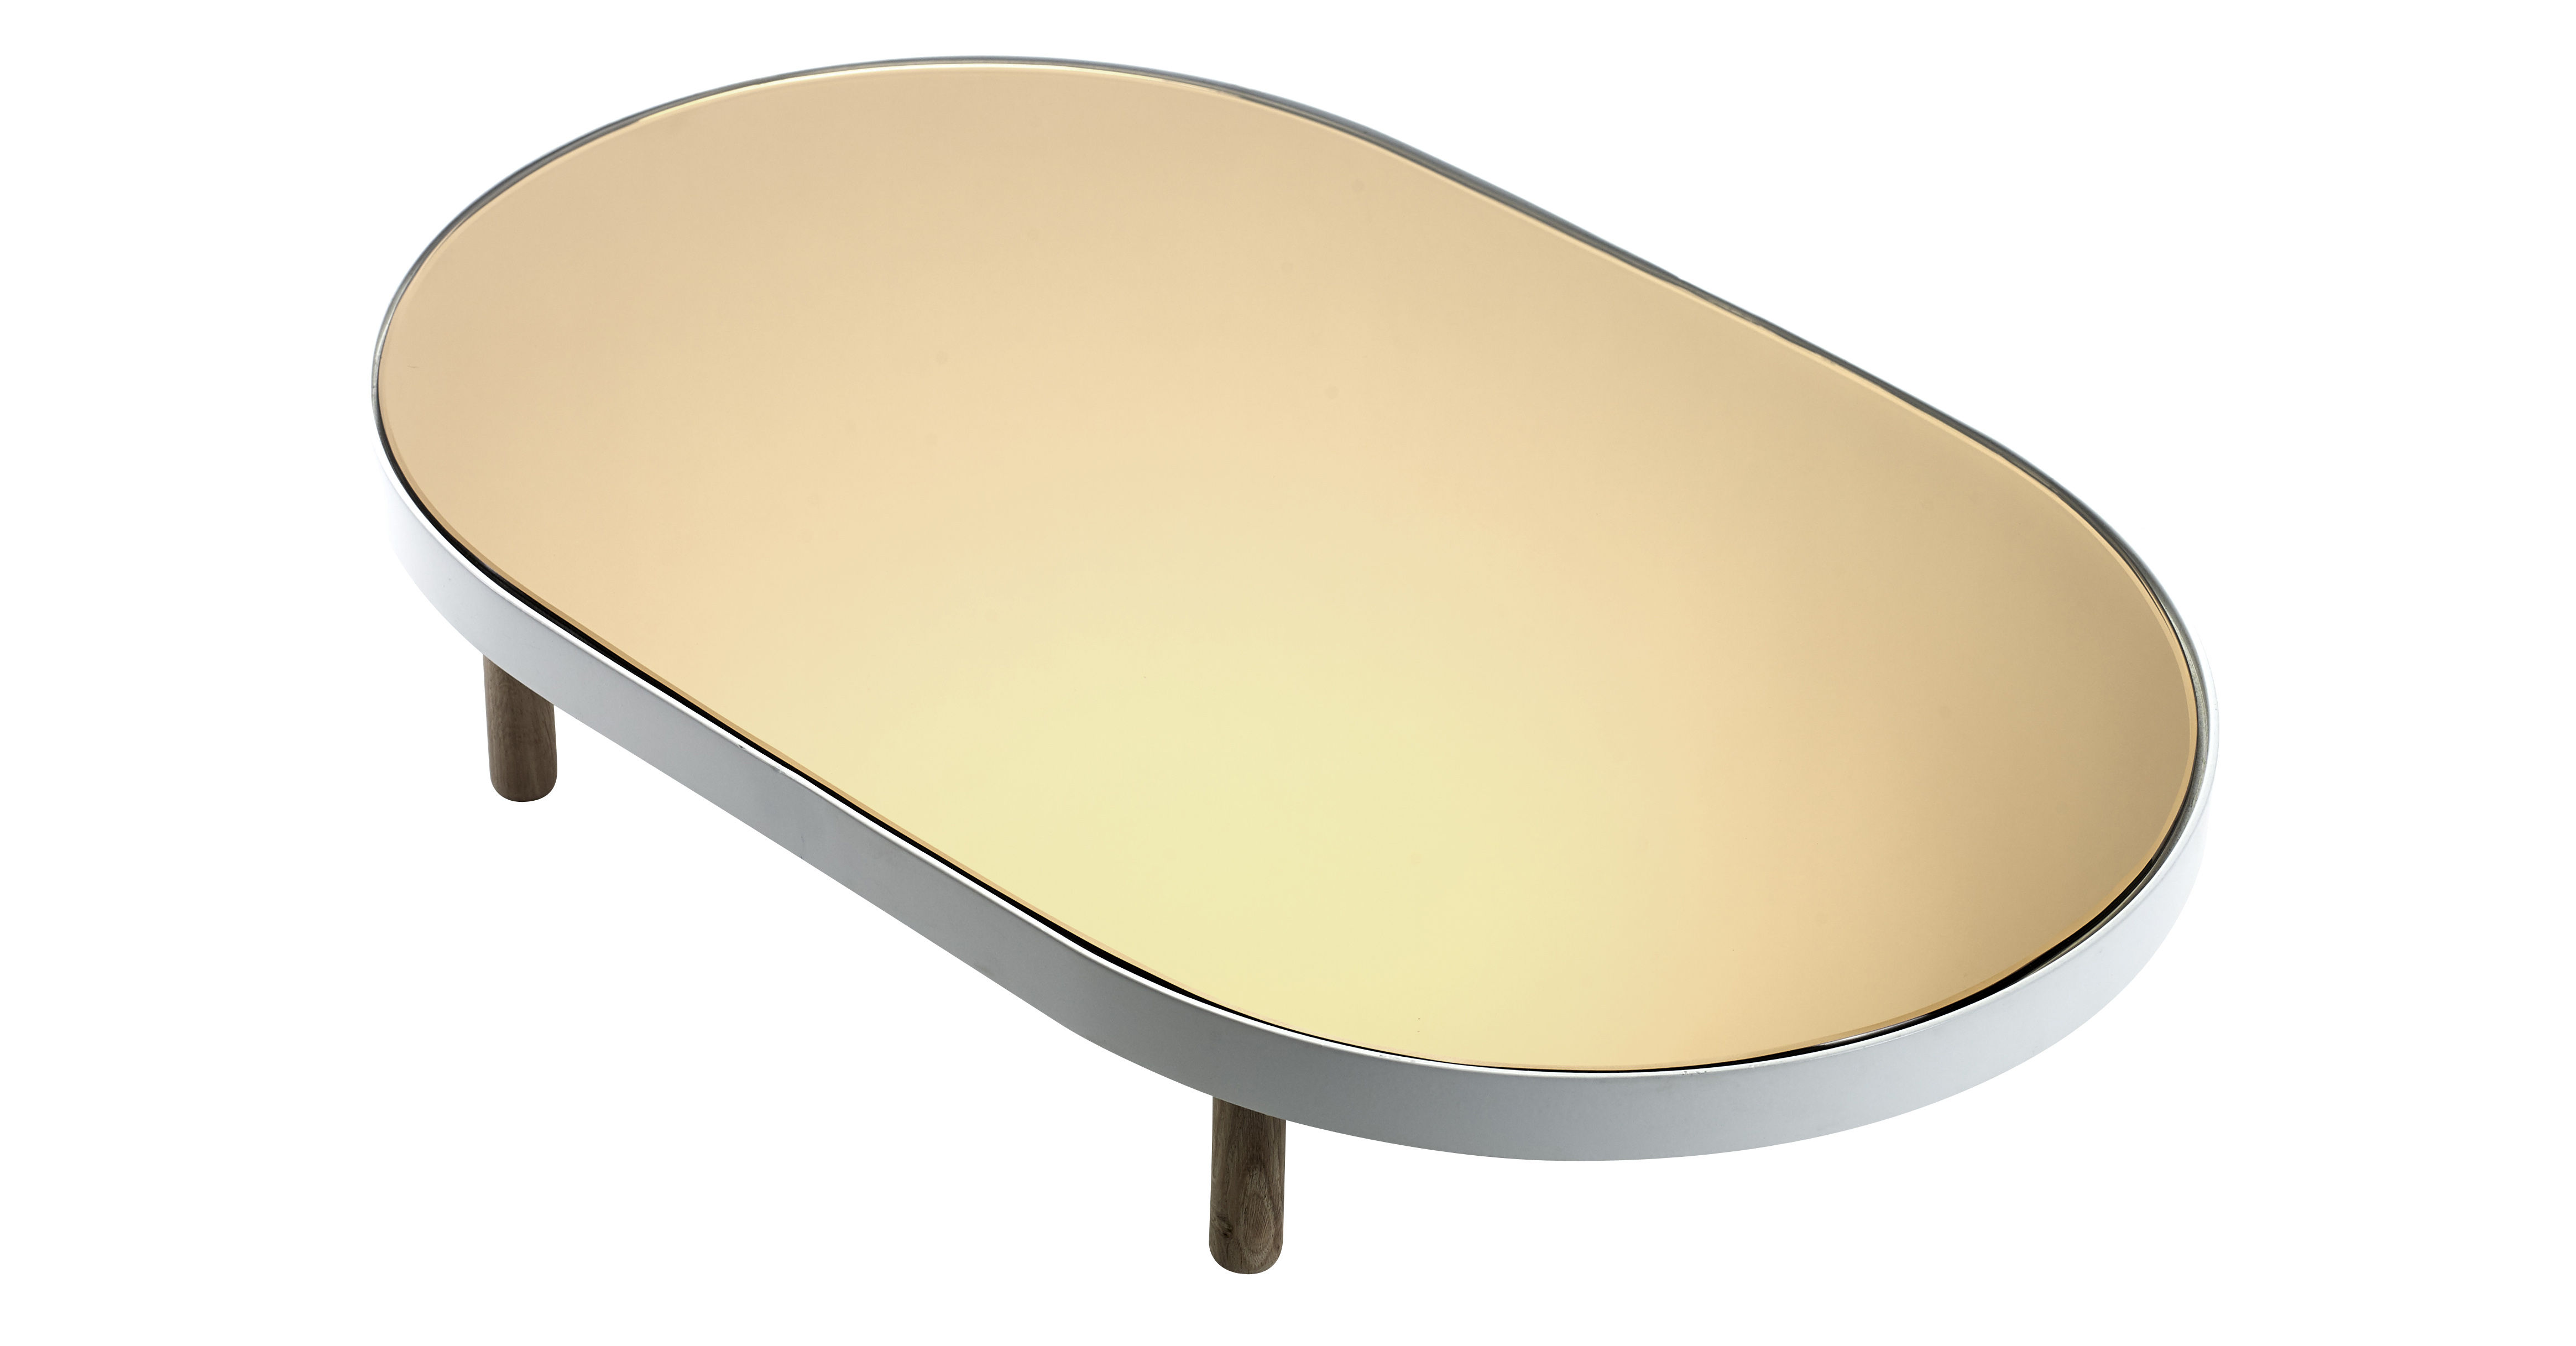 Arts de la table - Plateaux - Plateau Reflect / Miroir Ovale - 67 x 41 cm - Serax - Blanc & miroir cuivré / Pieds bois - Bois naturel, Métal peint, Verre